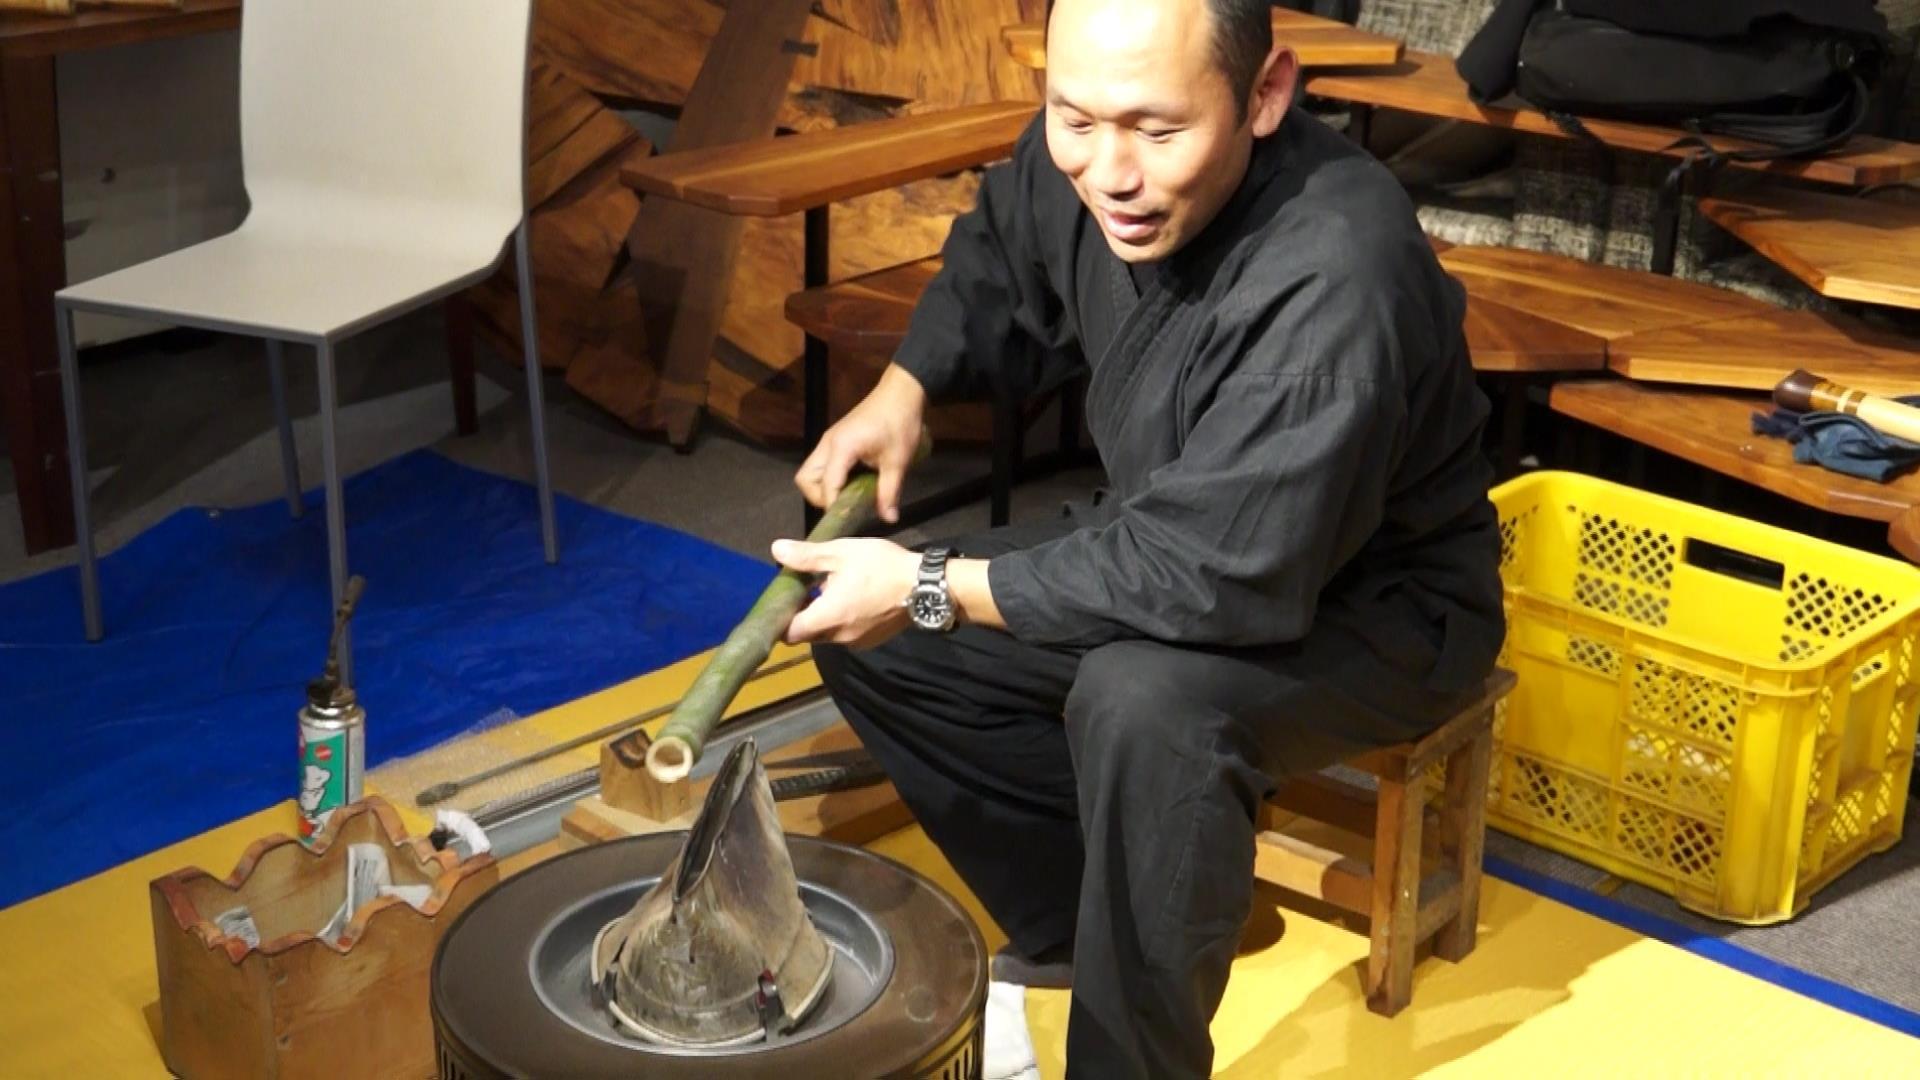 第3回 邦楽器造りの匠と邦楽器演奏家による体験型セッション